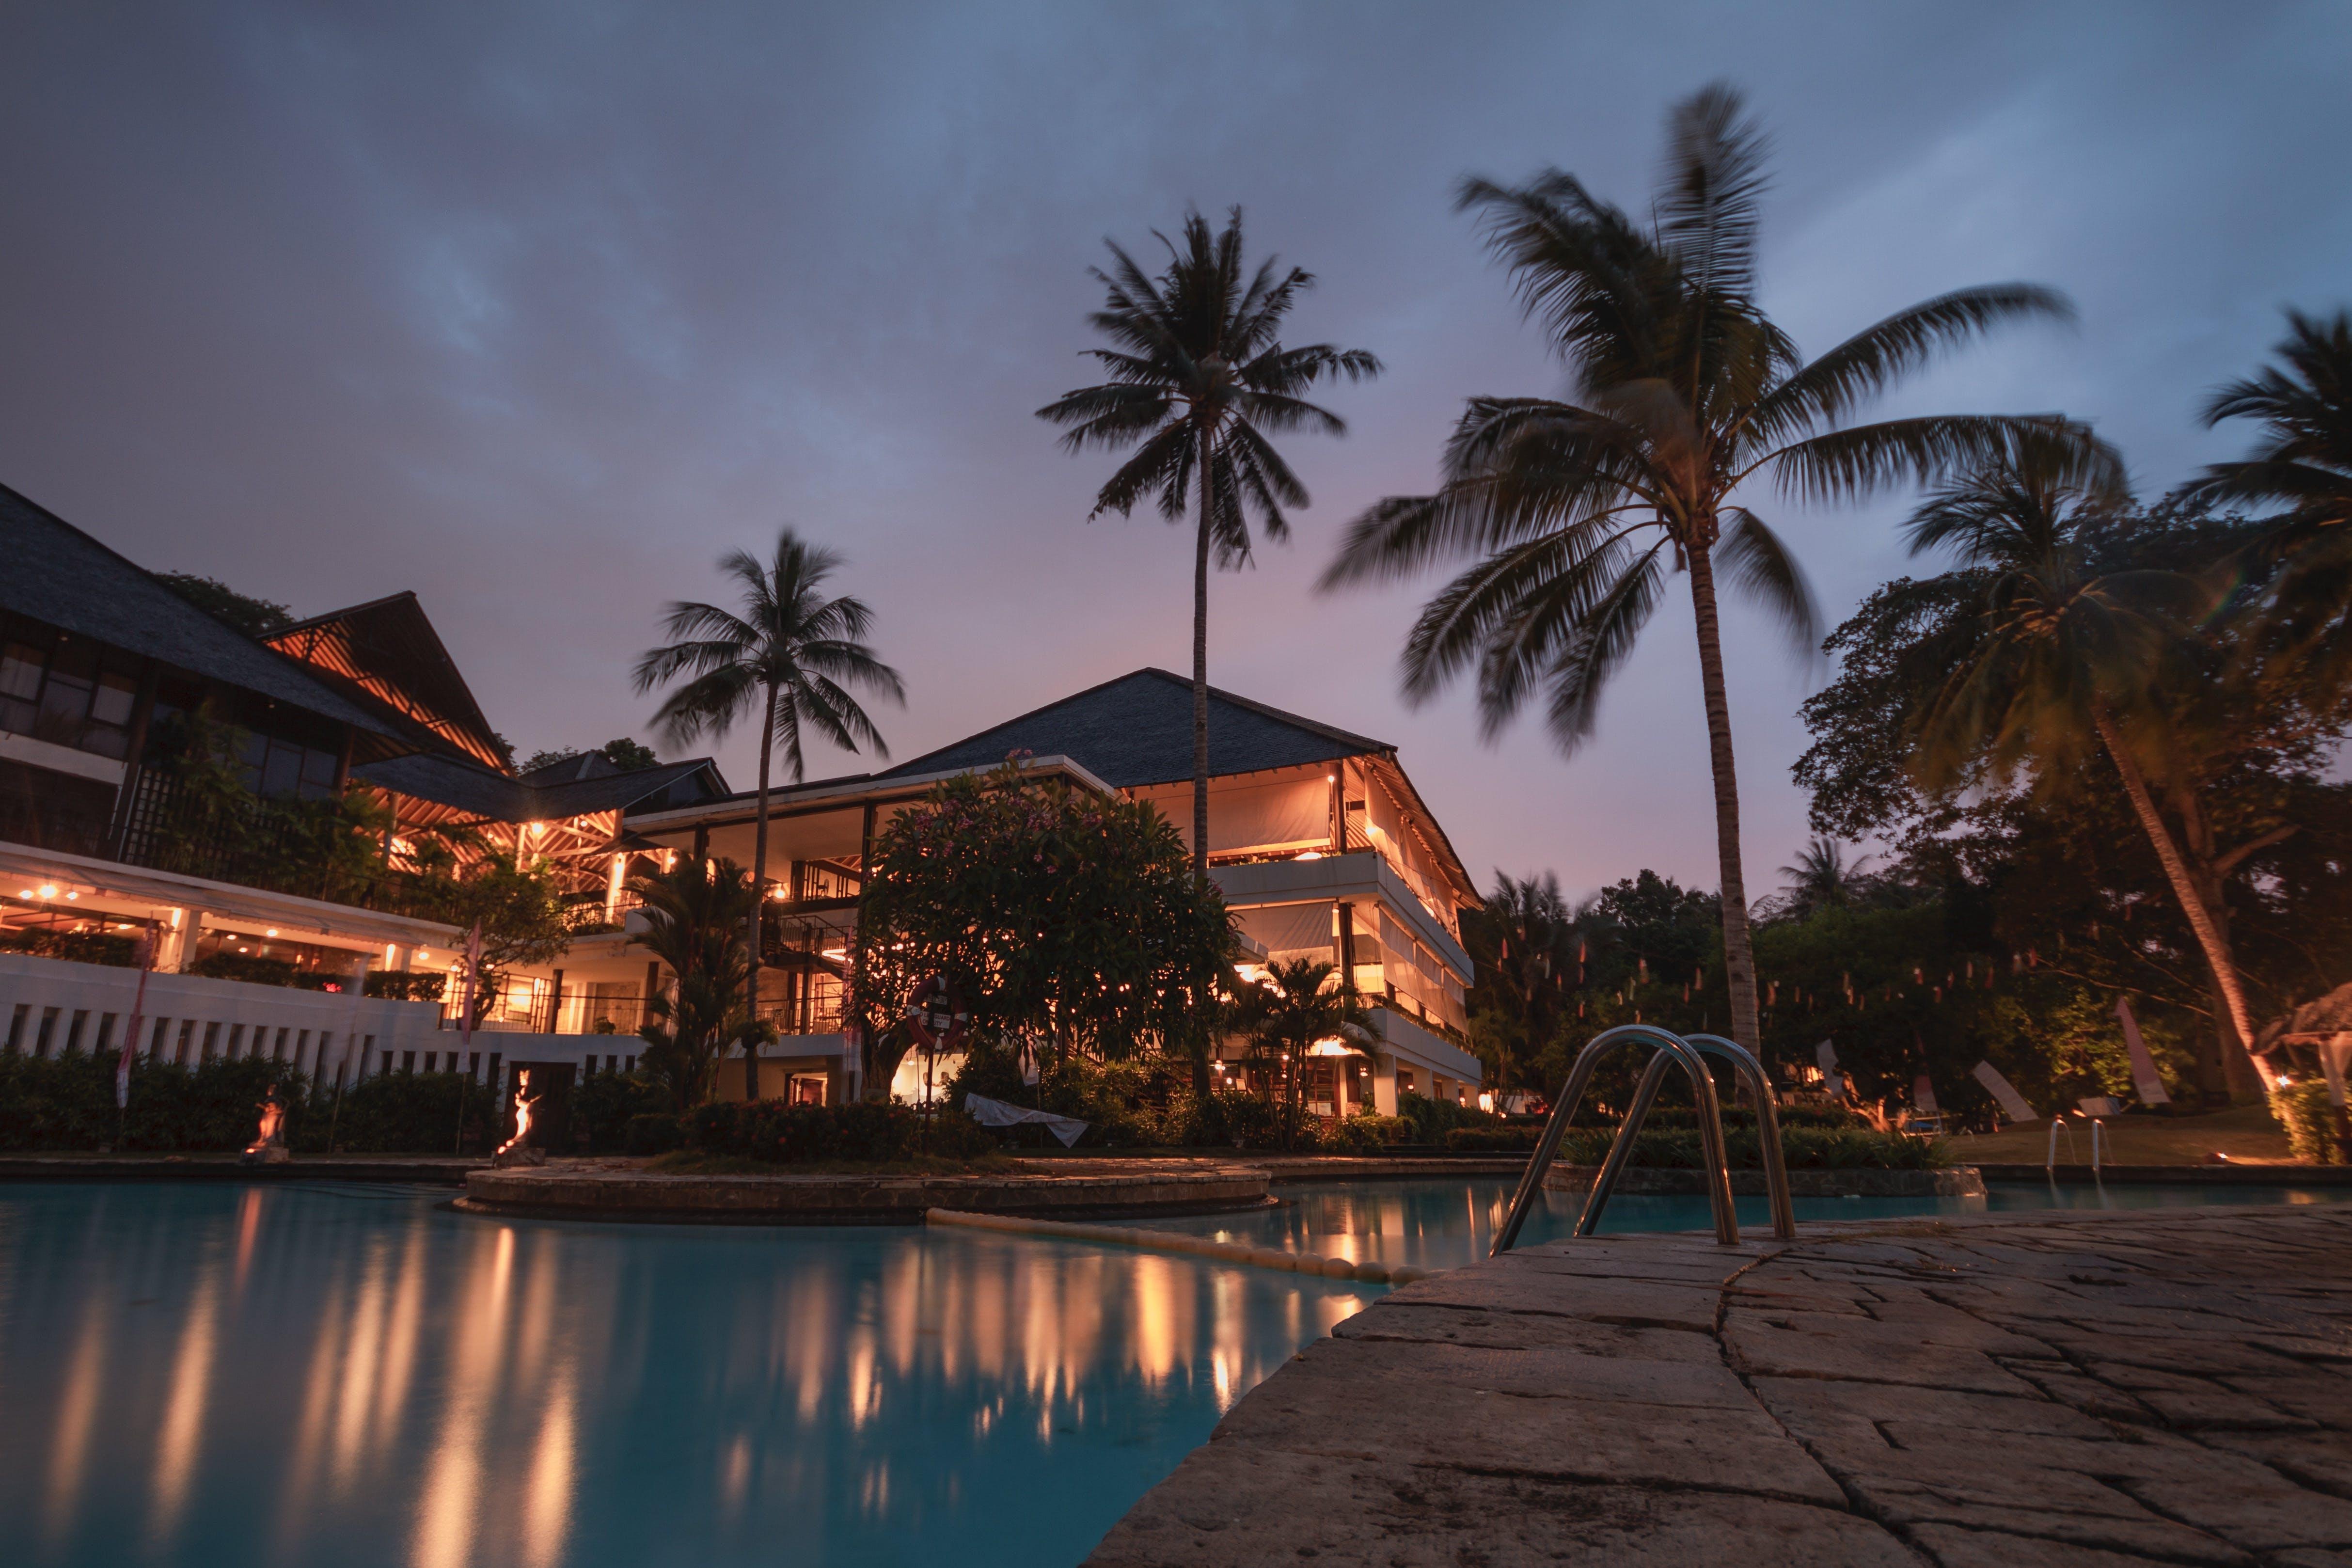 architektur, badeort, beleuchtung